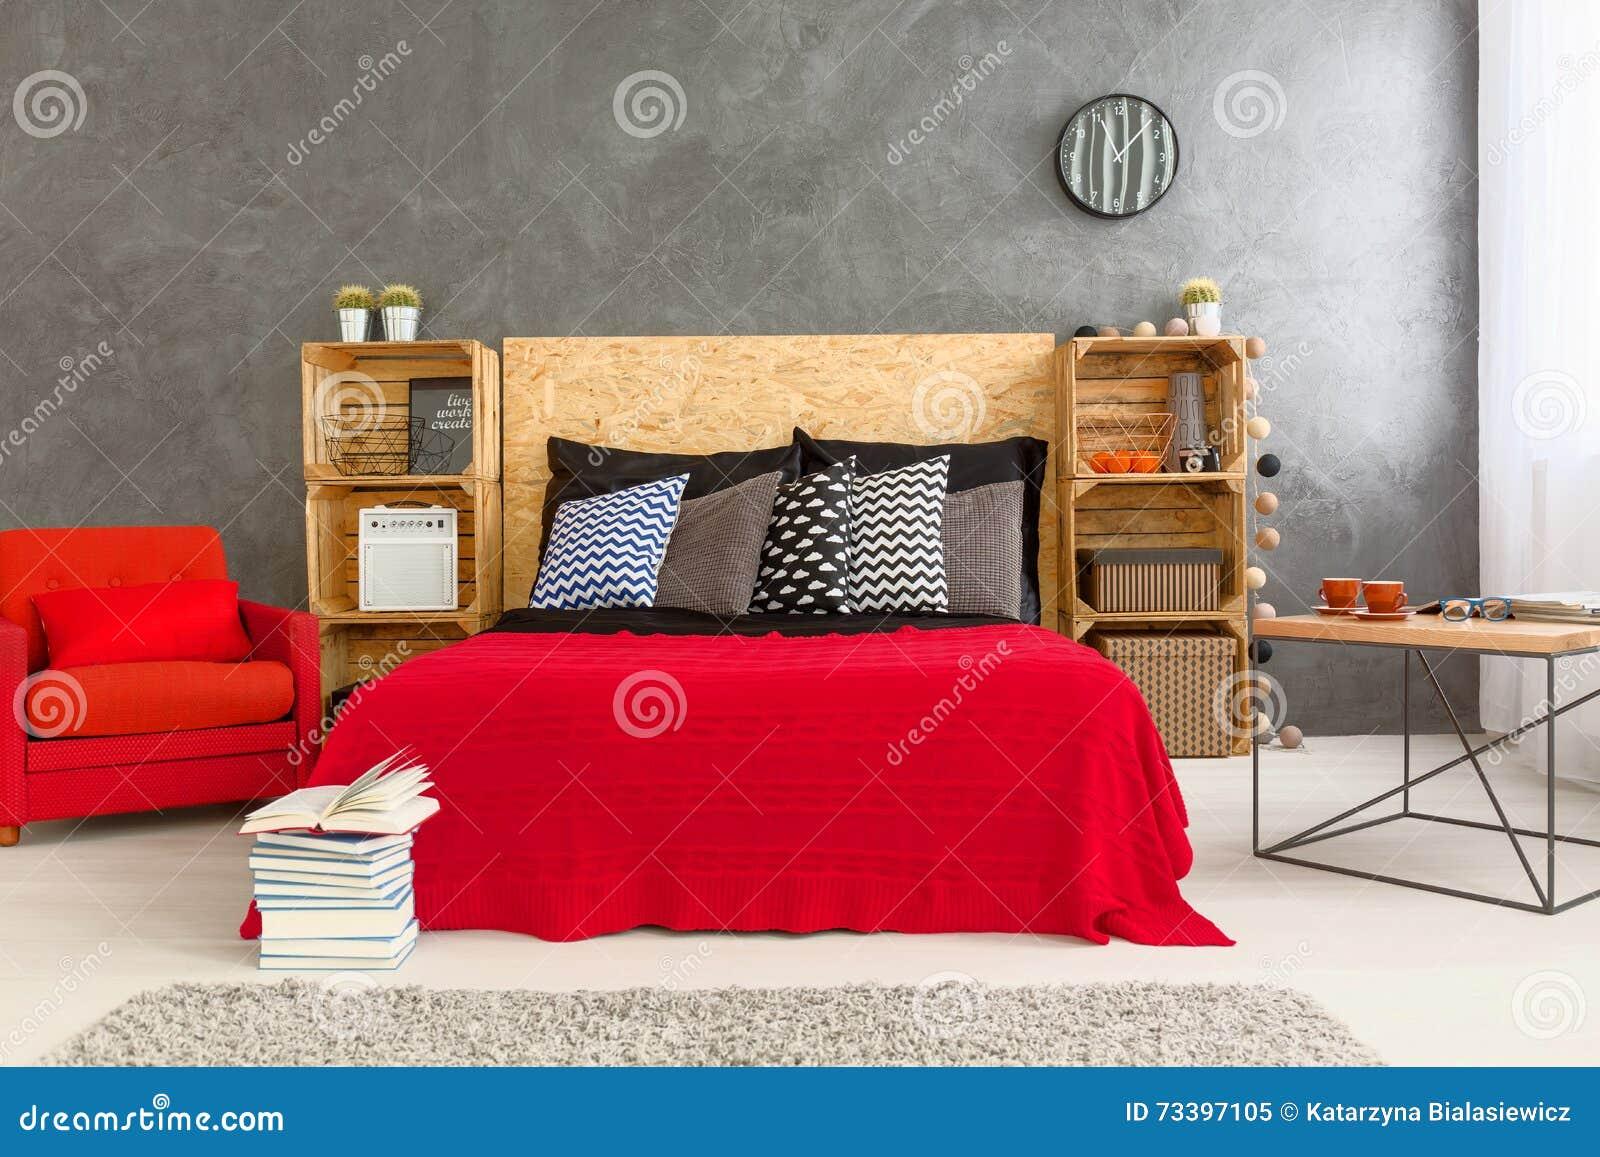 Camera Da Letto Rossa E Grigia : Camera da letto in rosso ed in grigio immagine stock immagine di